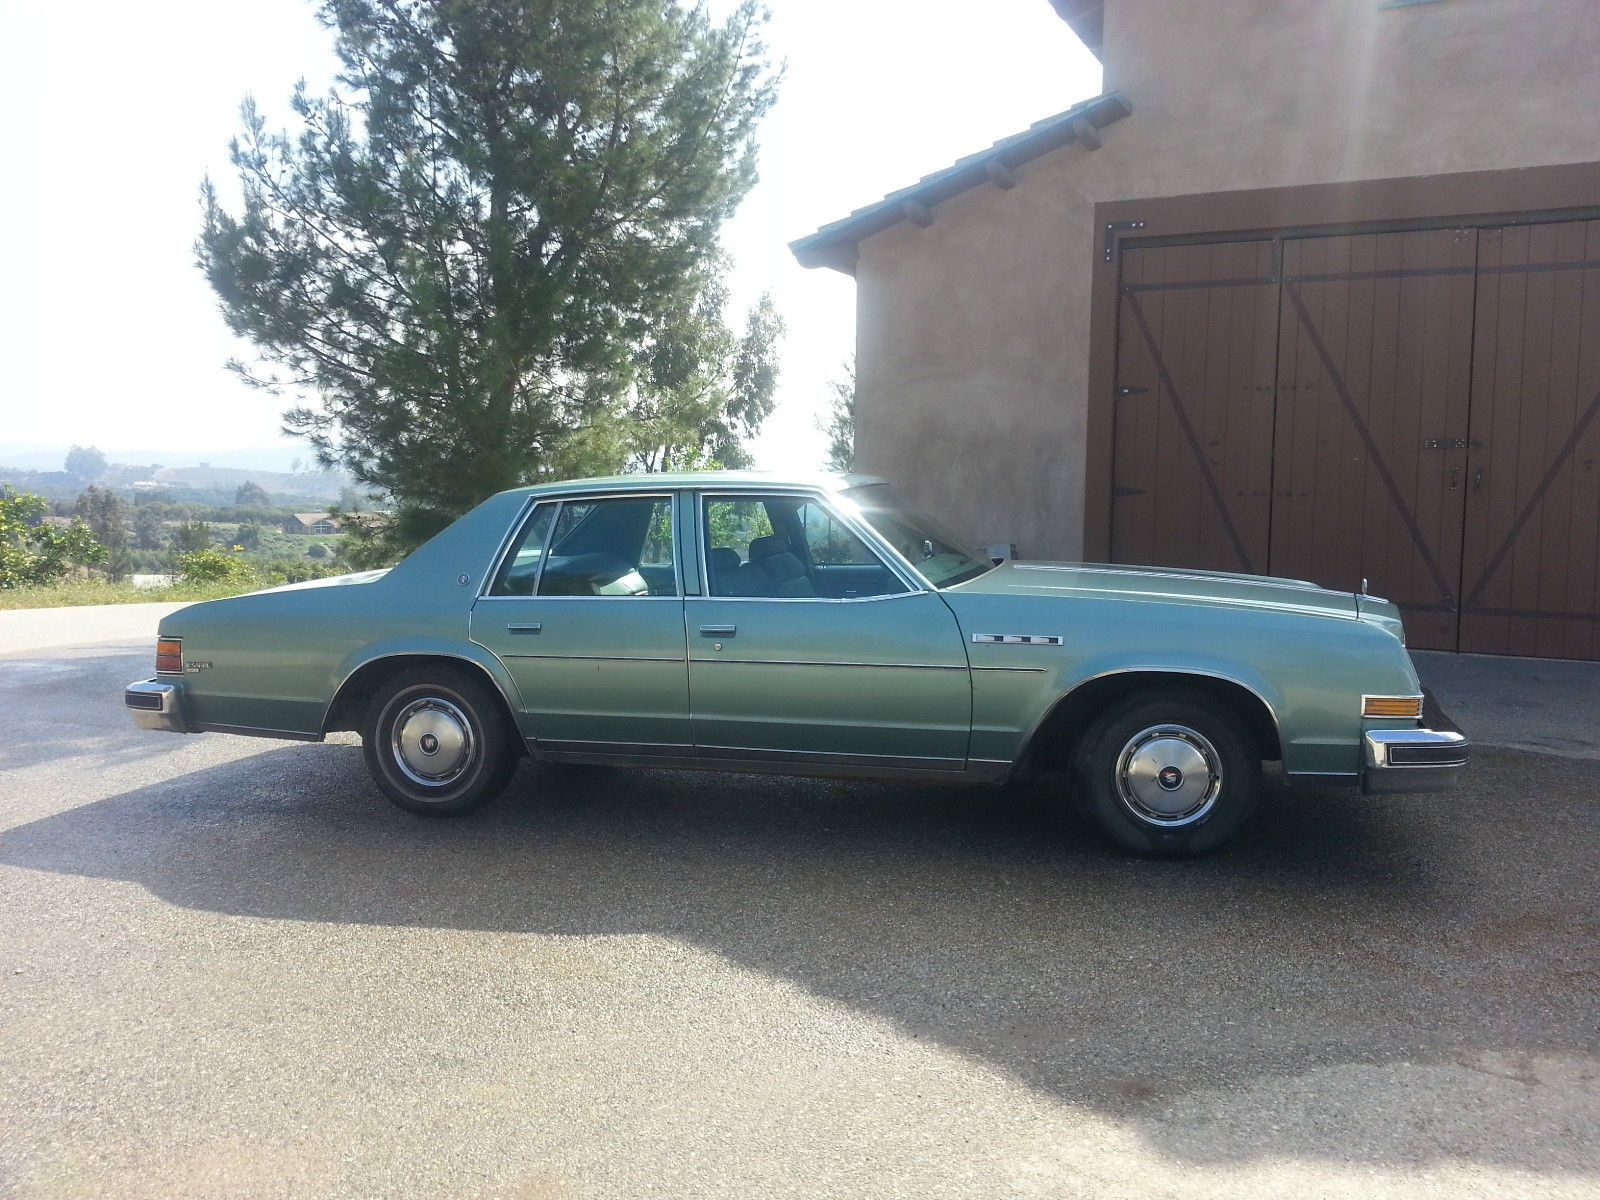 1977 Buick Lesabre 4 Door Sedan Buick Lesabre Buick American Classic Cars